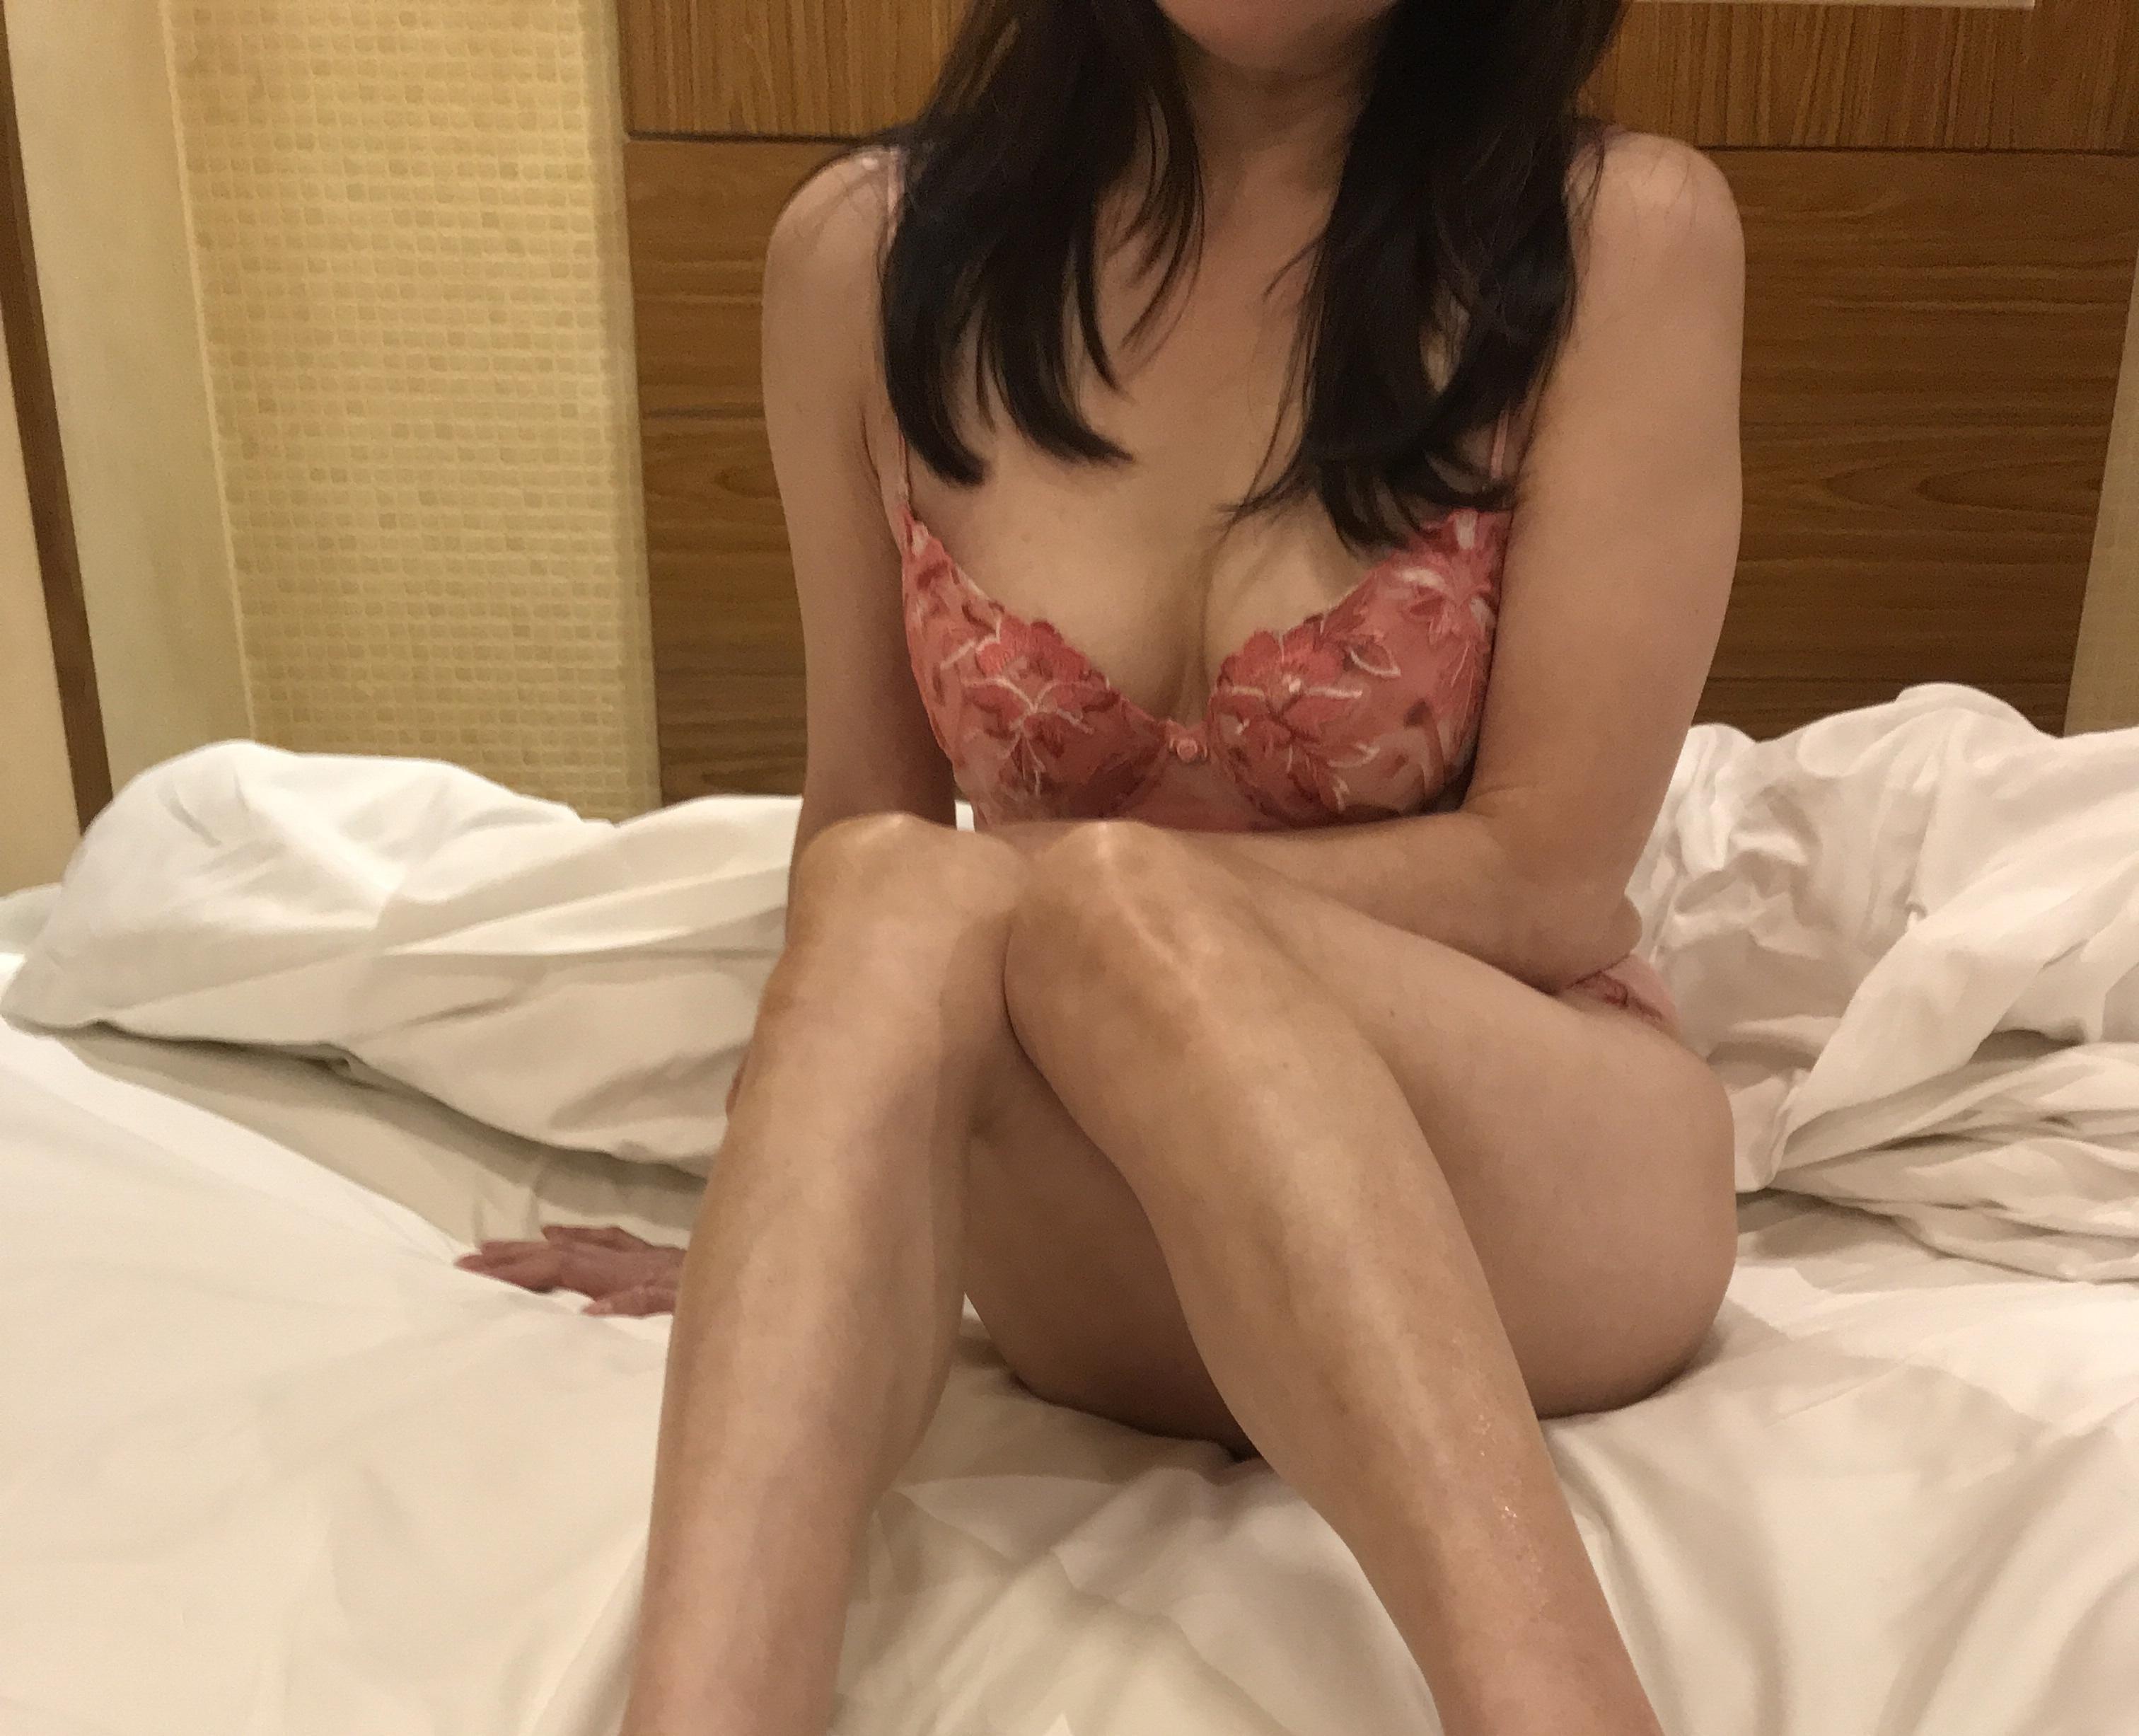 「忙しくても」12/18(火) 09:50 | みことの写メ・風俗動画